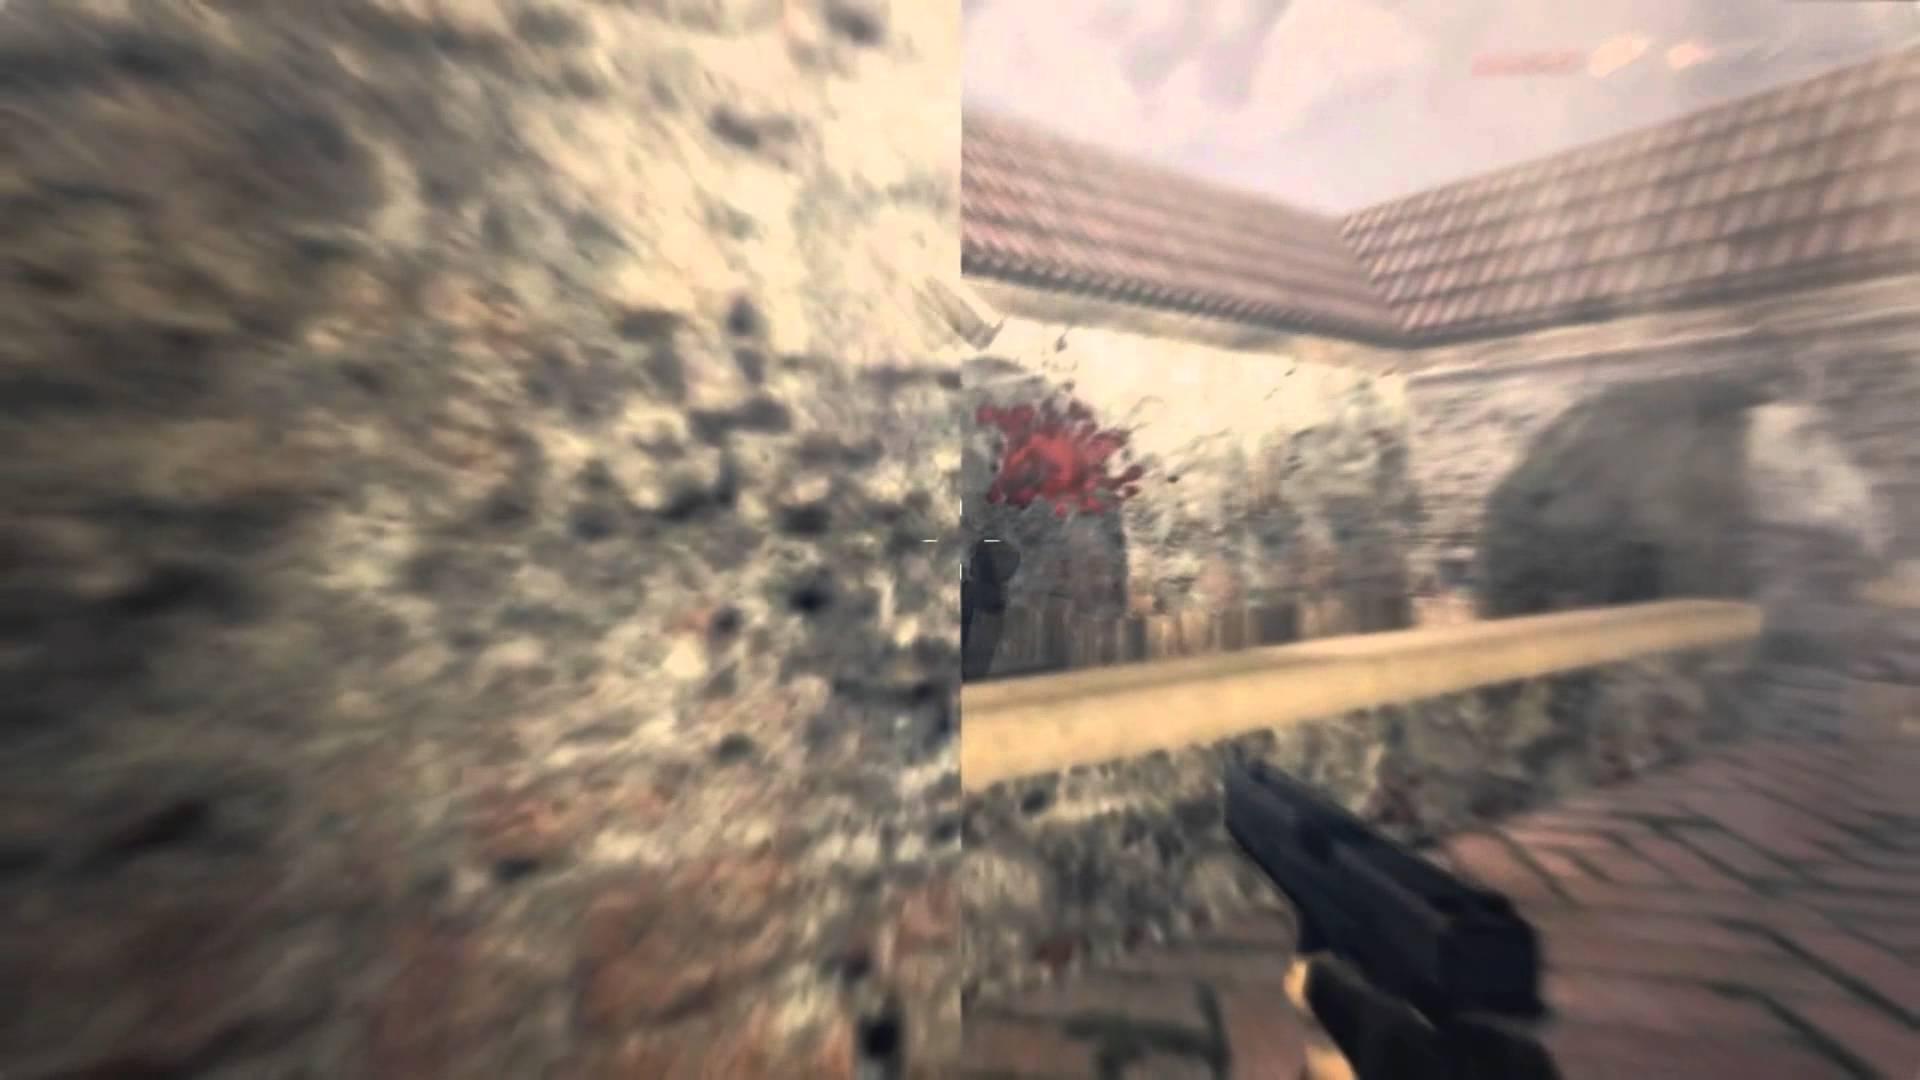 Counter Strike 1 6 Wallpapers Wallpapersafari